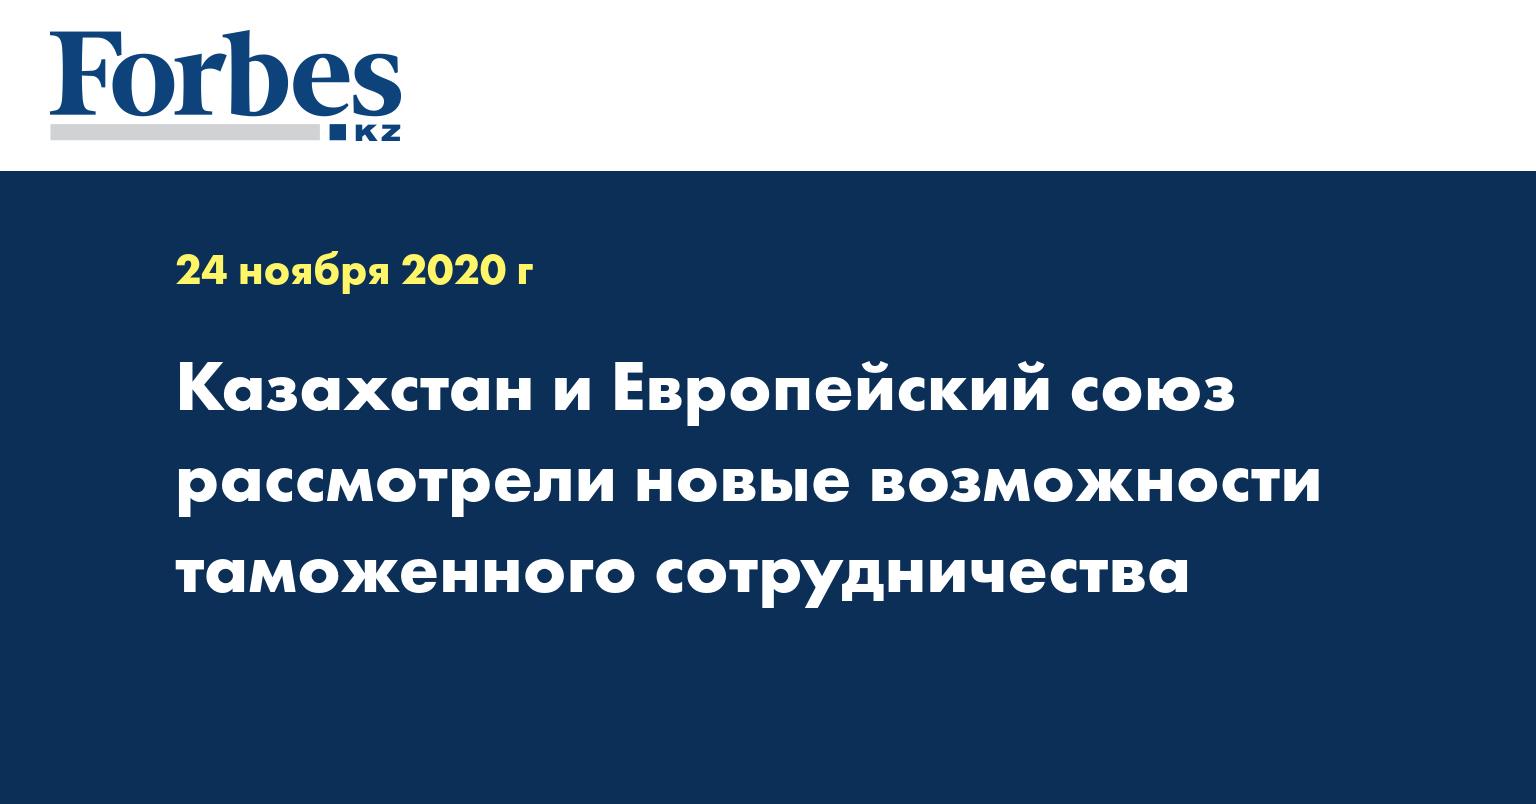 Казахстан и Европейский союз рассмотрели новые возможности таможенного сотрудничества